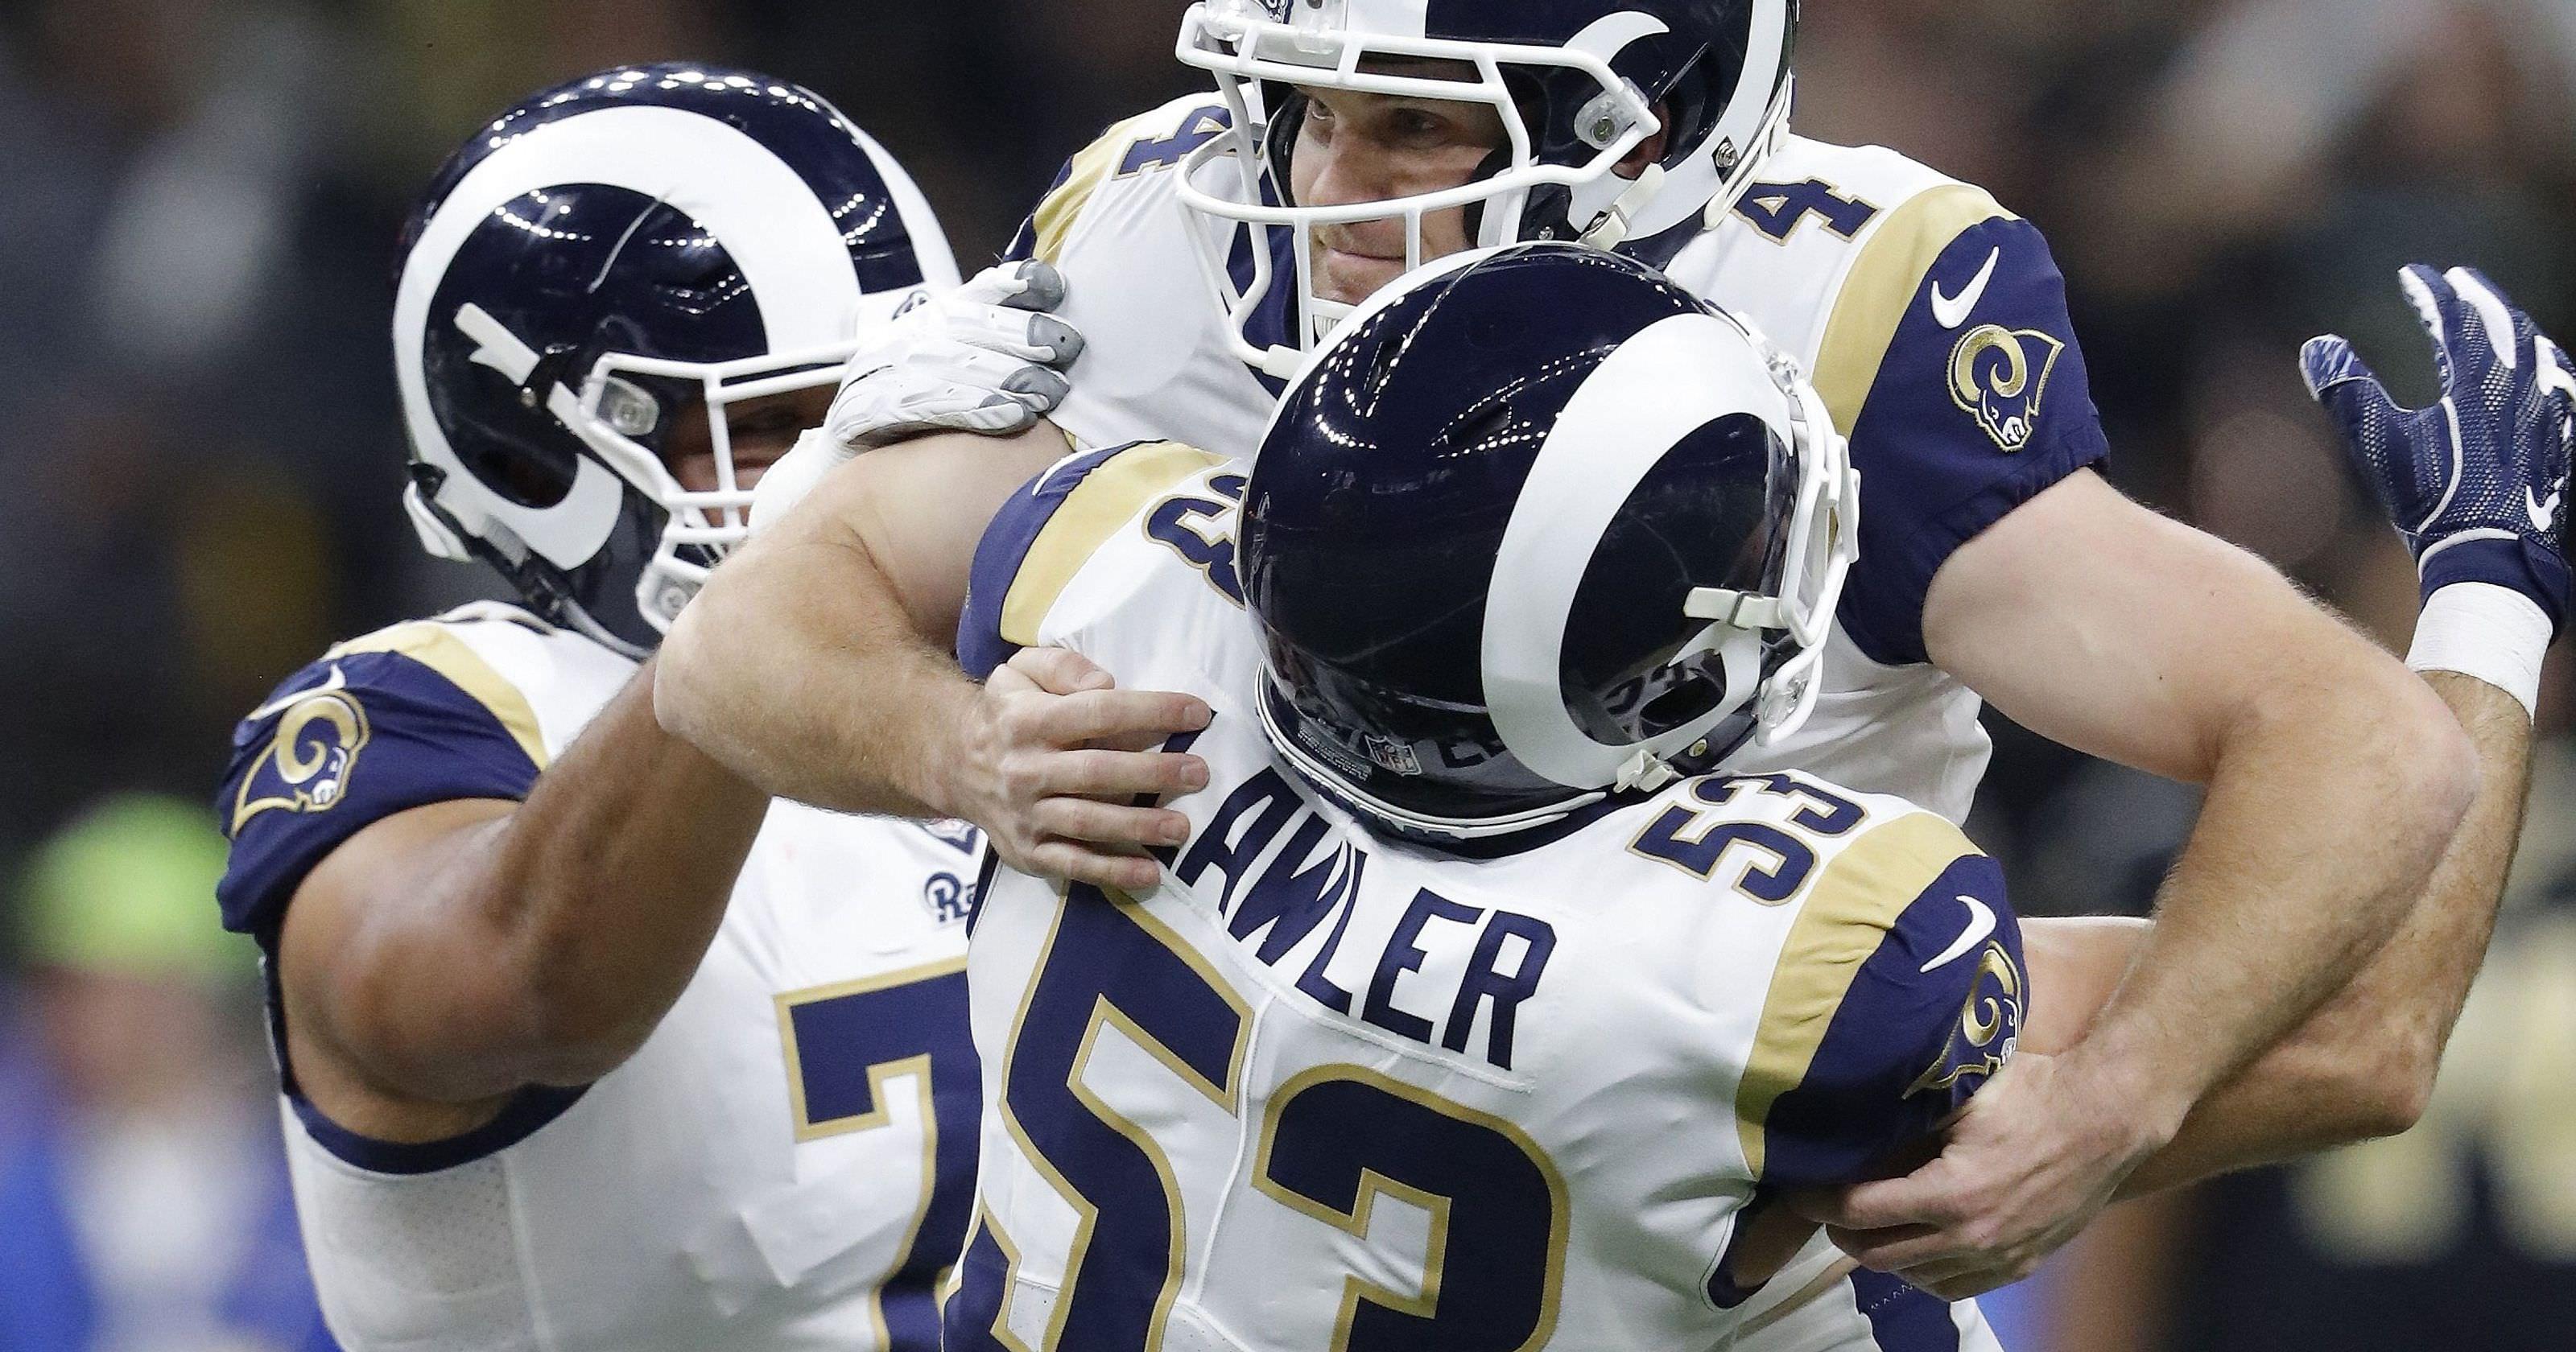 Rams kicker Zuerlein listado no relatório de lesões com problema no pé